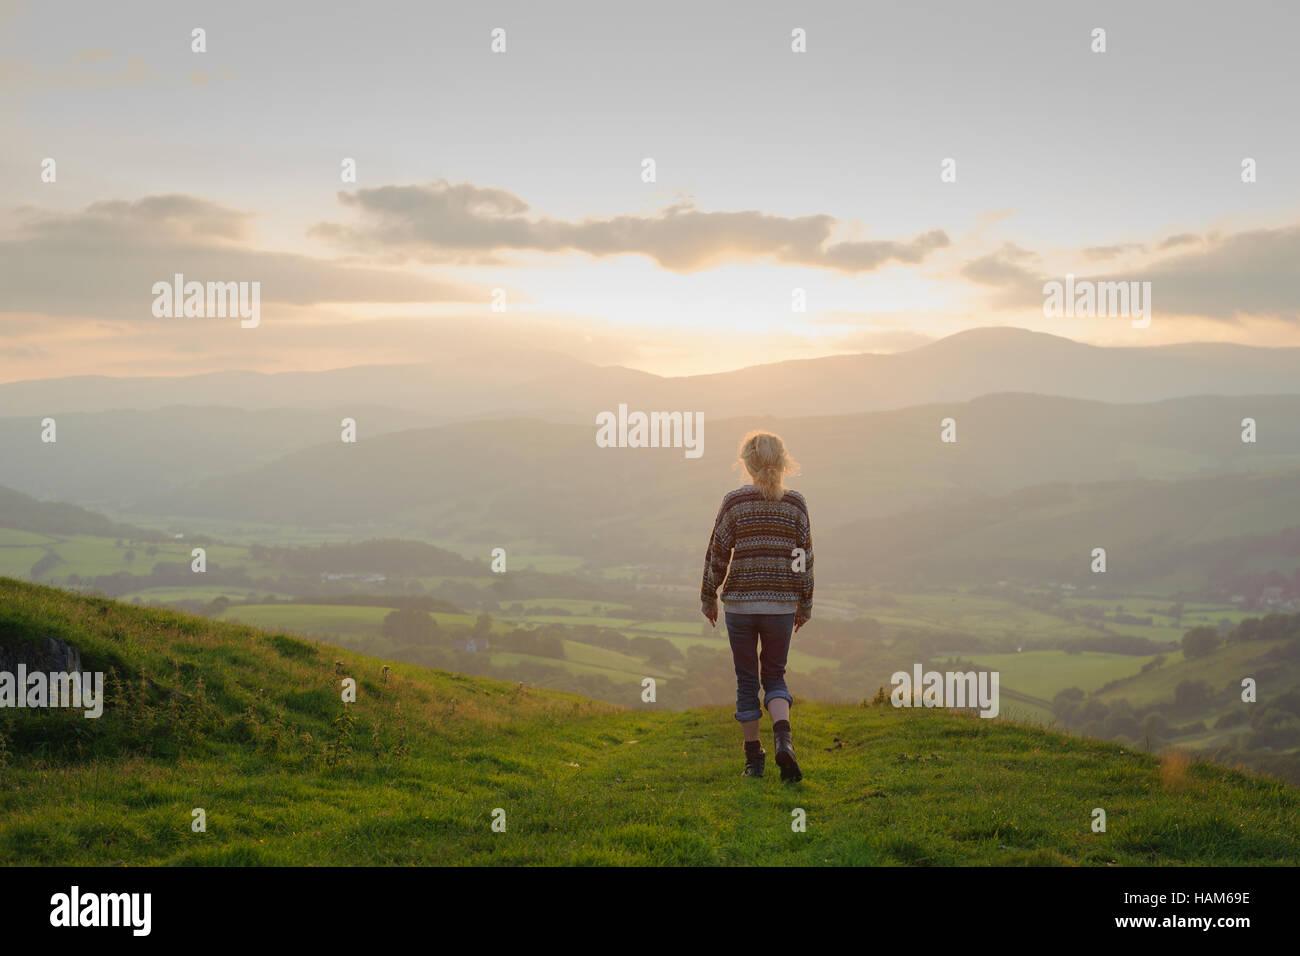 Une femme marche vers une vallée dans la campagne Photo Stock